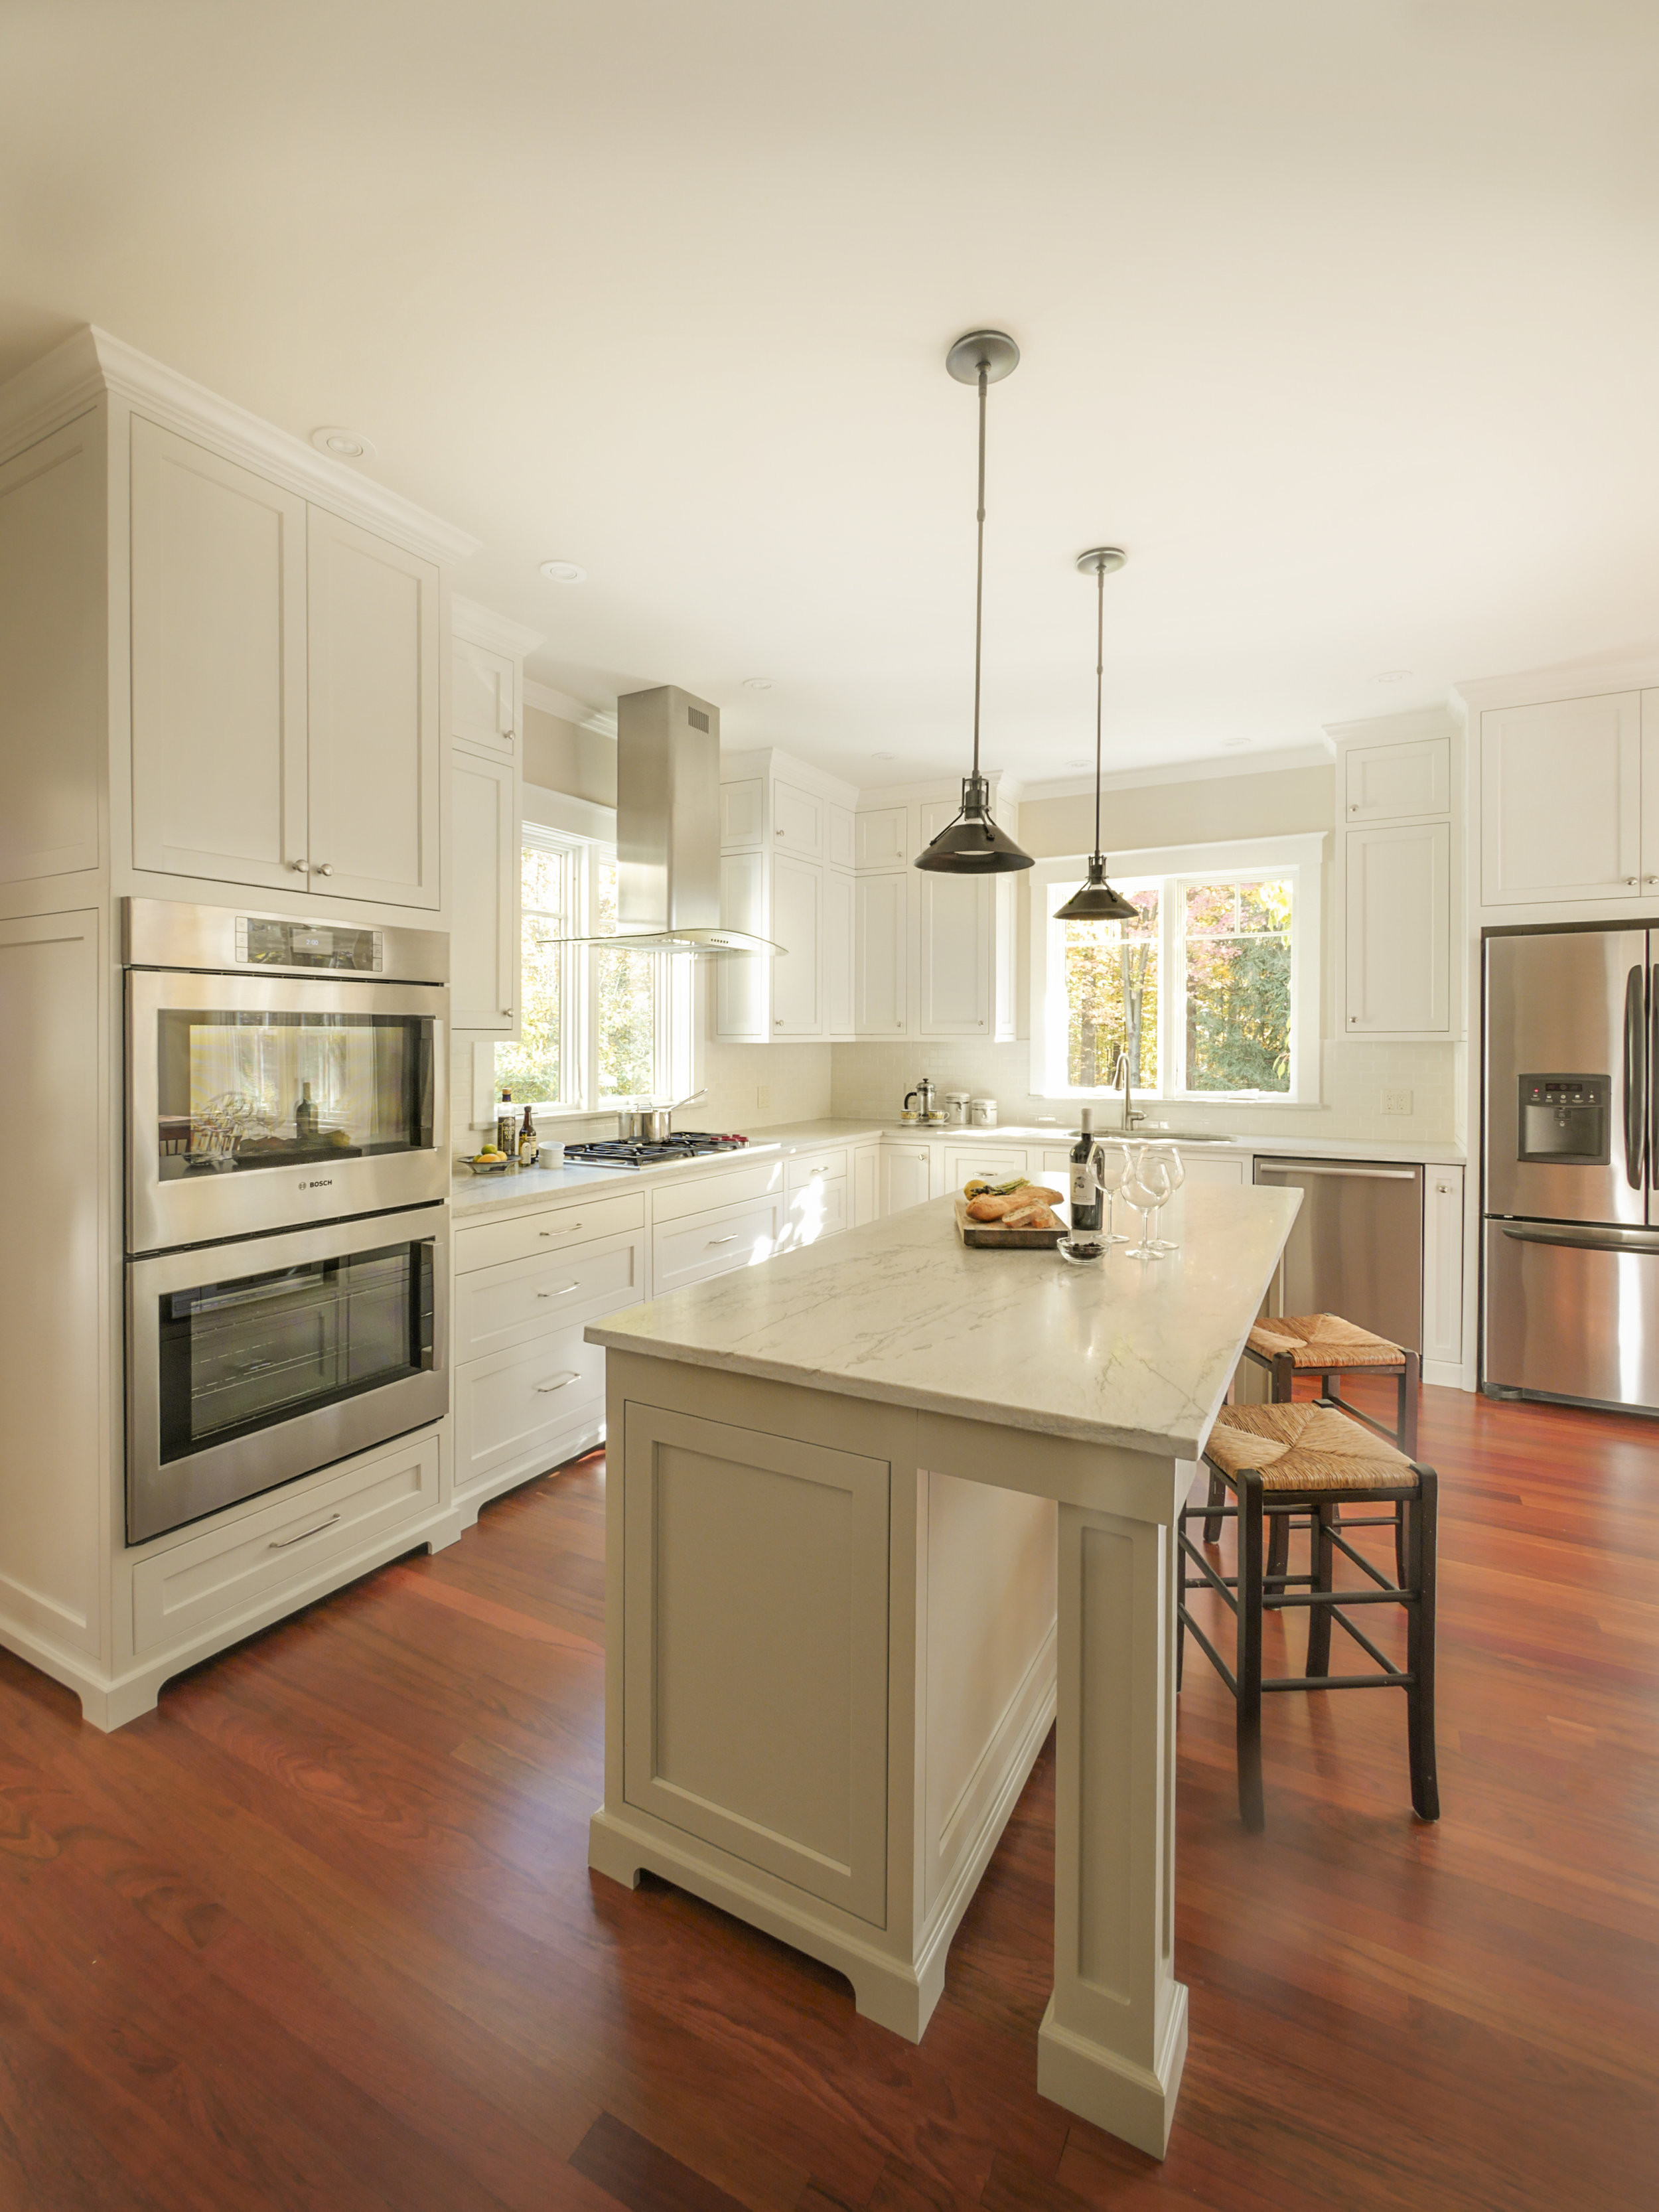 2a-new kitchen.jpg